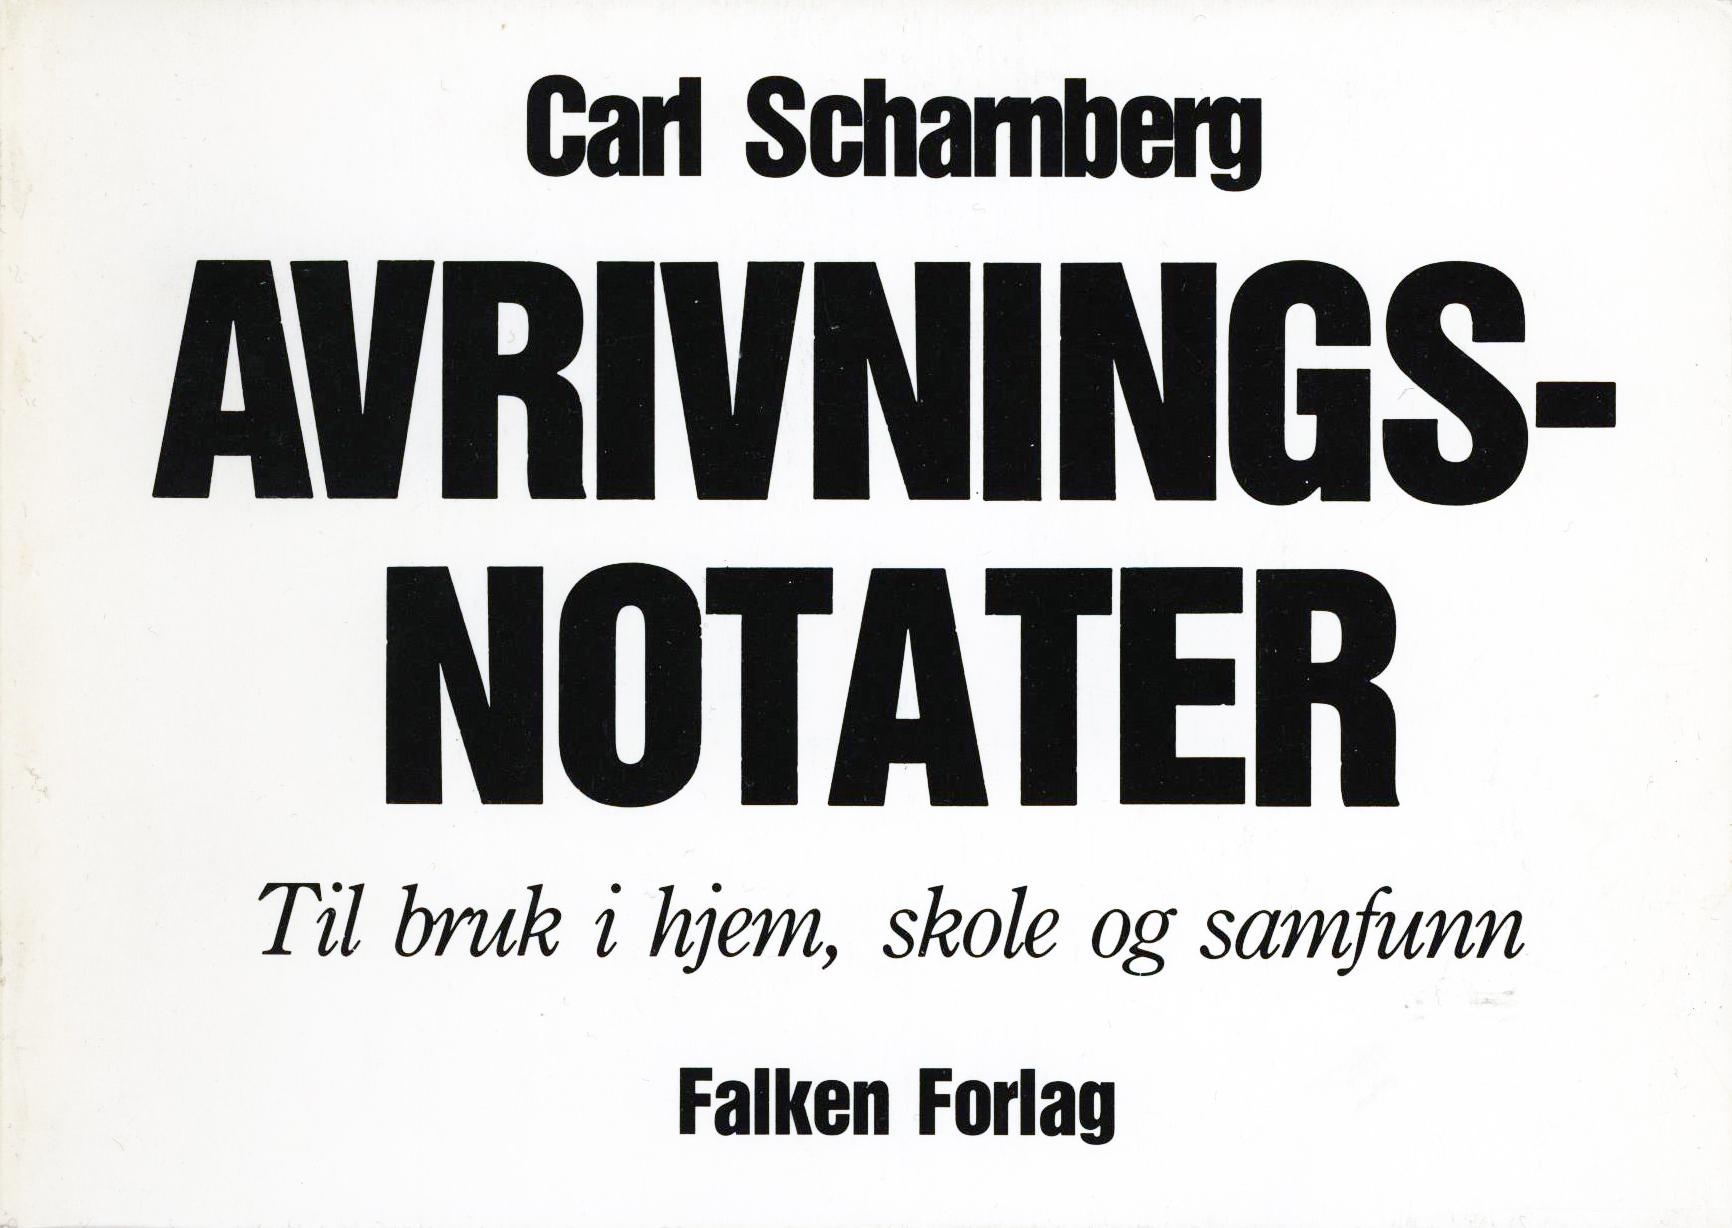 Carl Scharnberg: Avrivningsnotater - Til bruk i hjem, skole og samfunn